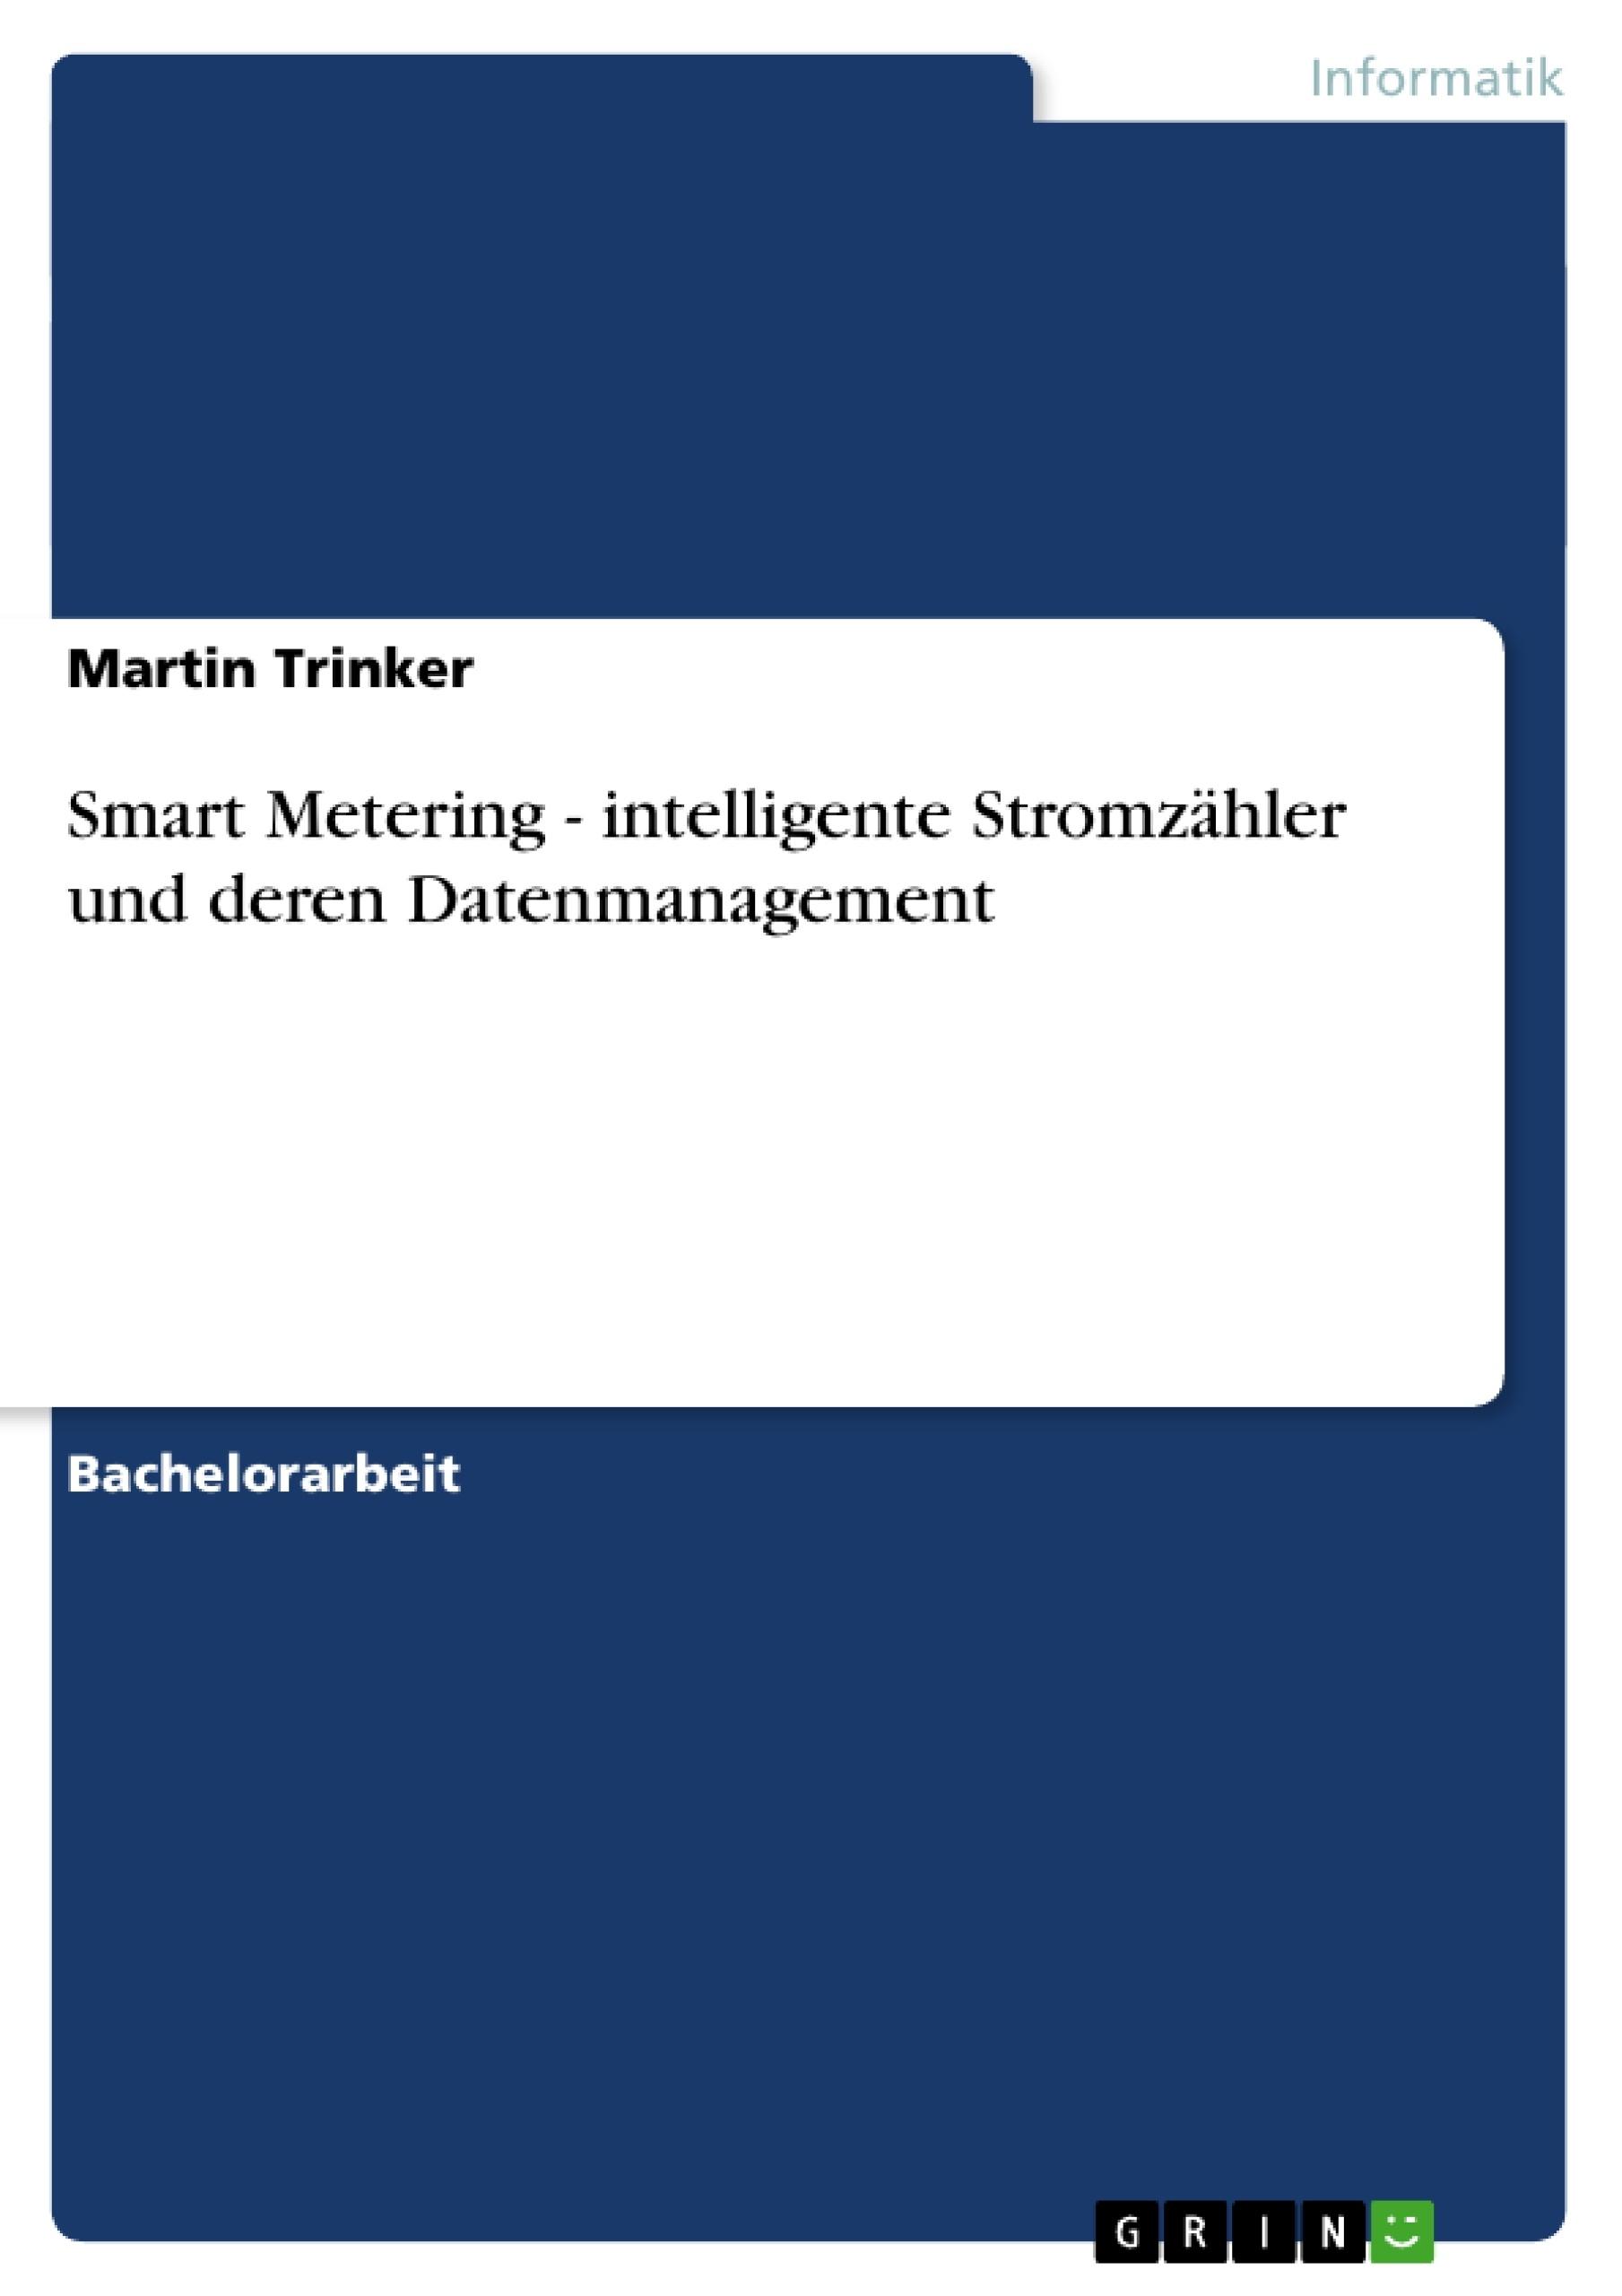 Titel: Smart Metering - intelligente Stromzähler und deren Datenmanagement